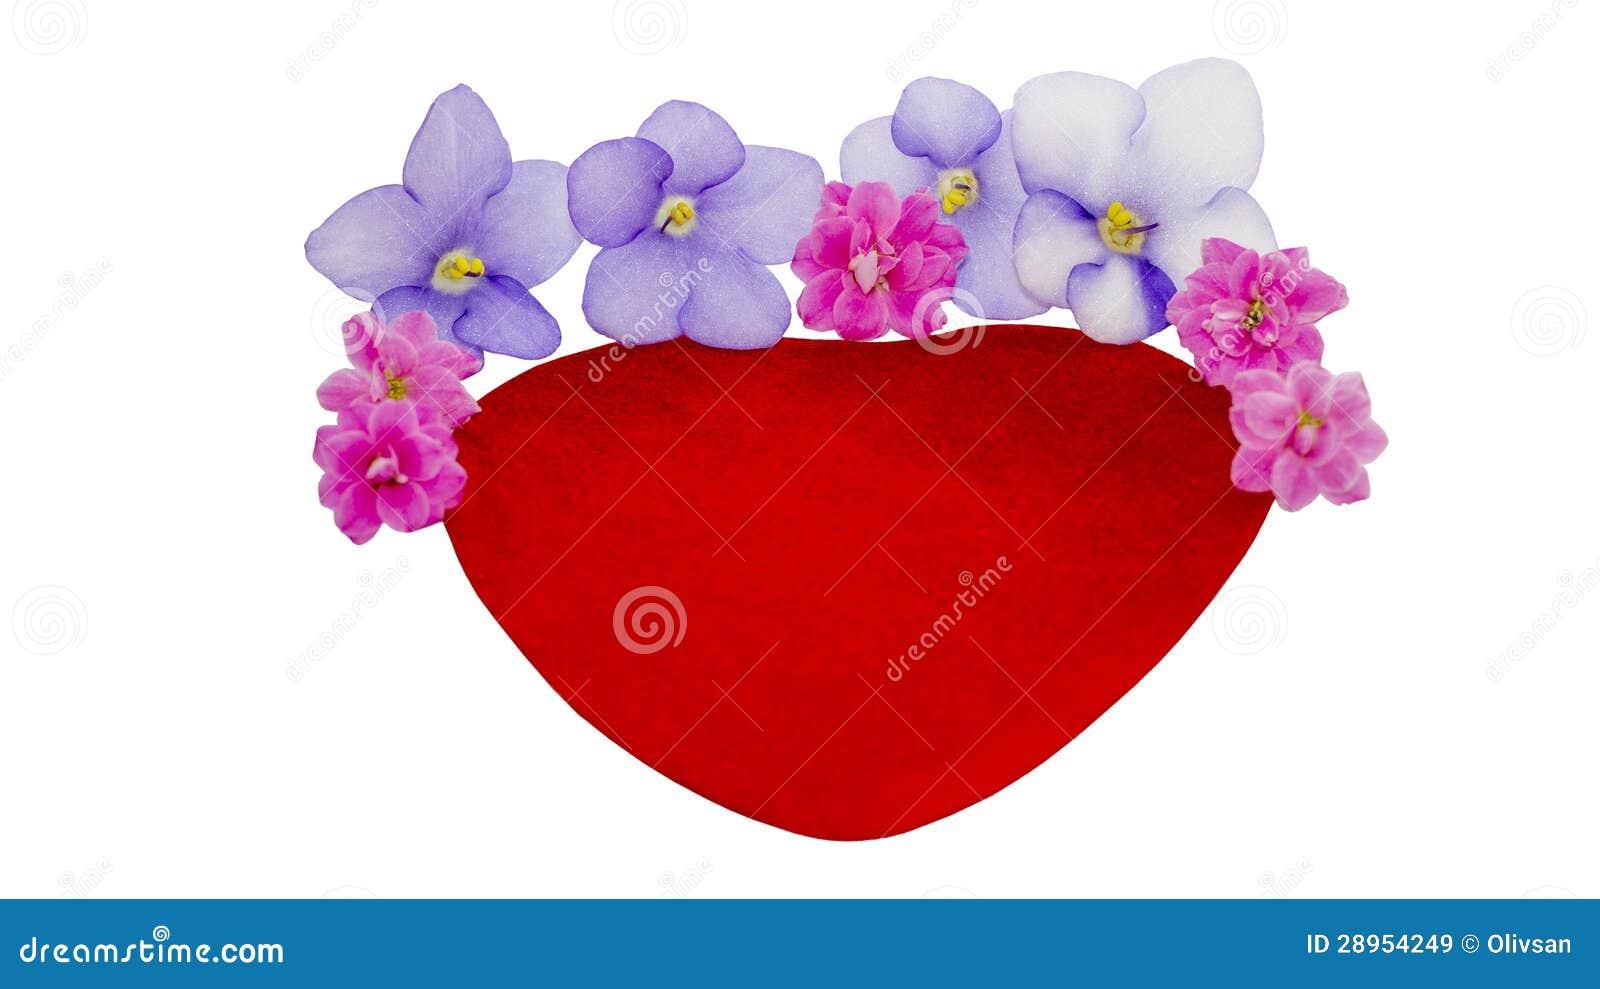 Coeur de velours et fleurs naturelles images libres de droits image 28954249 - Initiatives fleurs et nature ...